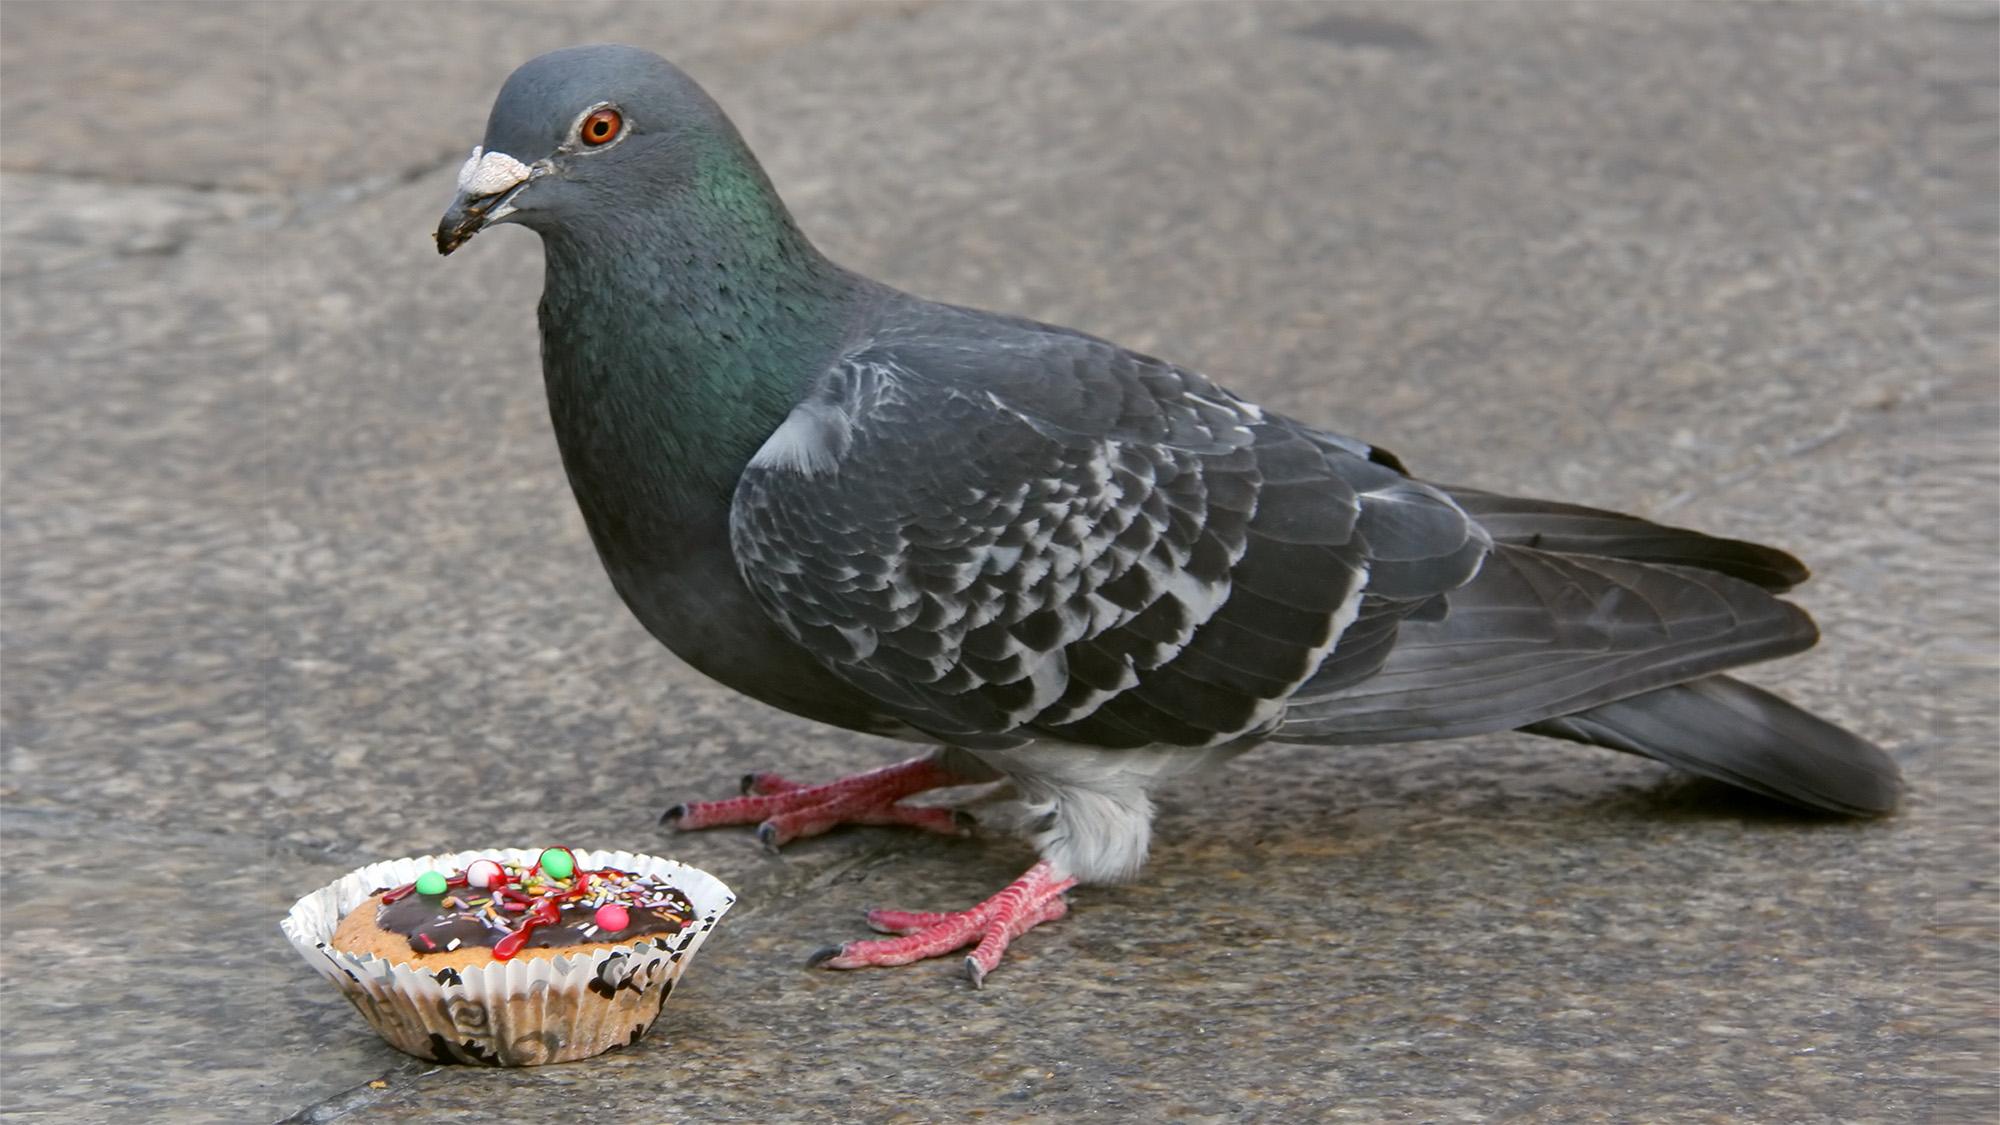 «Keine Tauben füttern!» Diese Aufforderung allein reicht nicht.